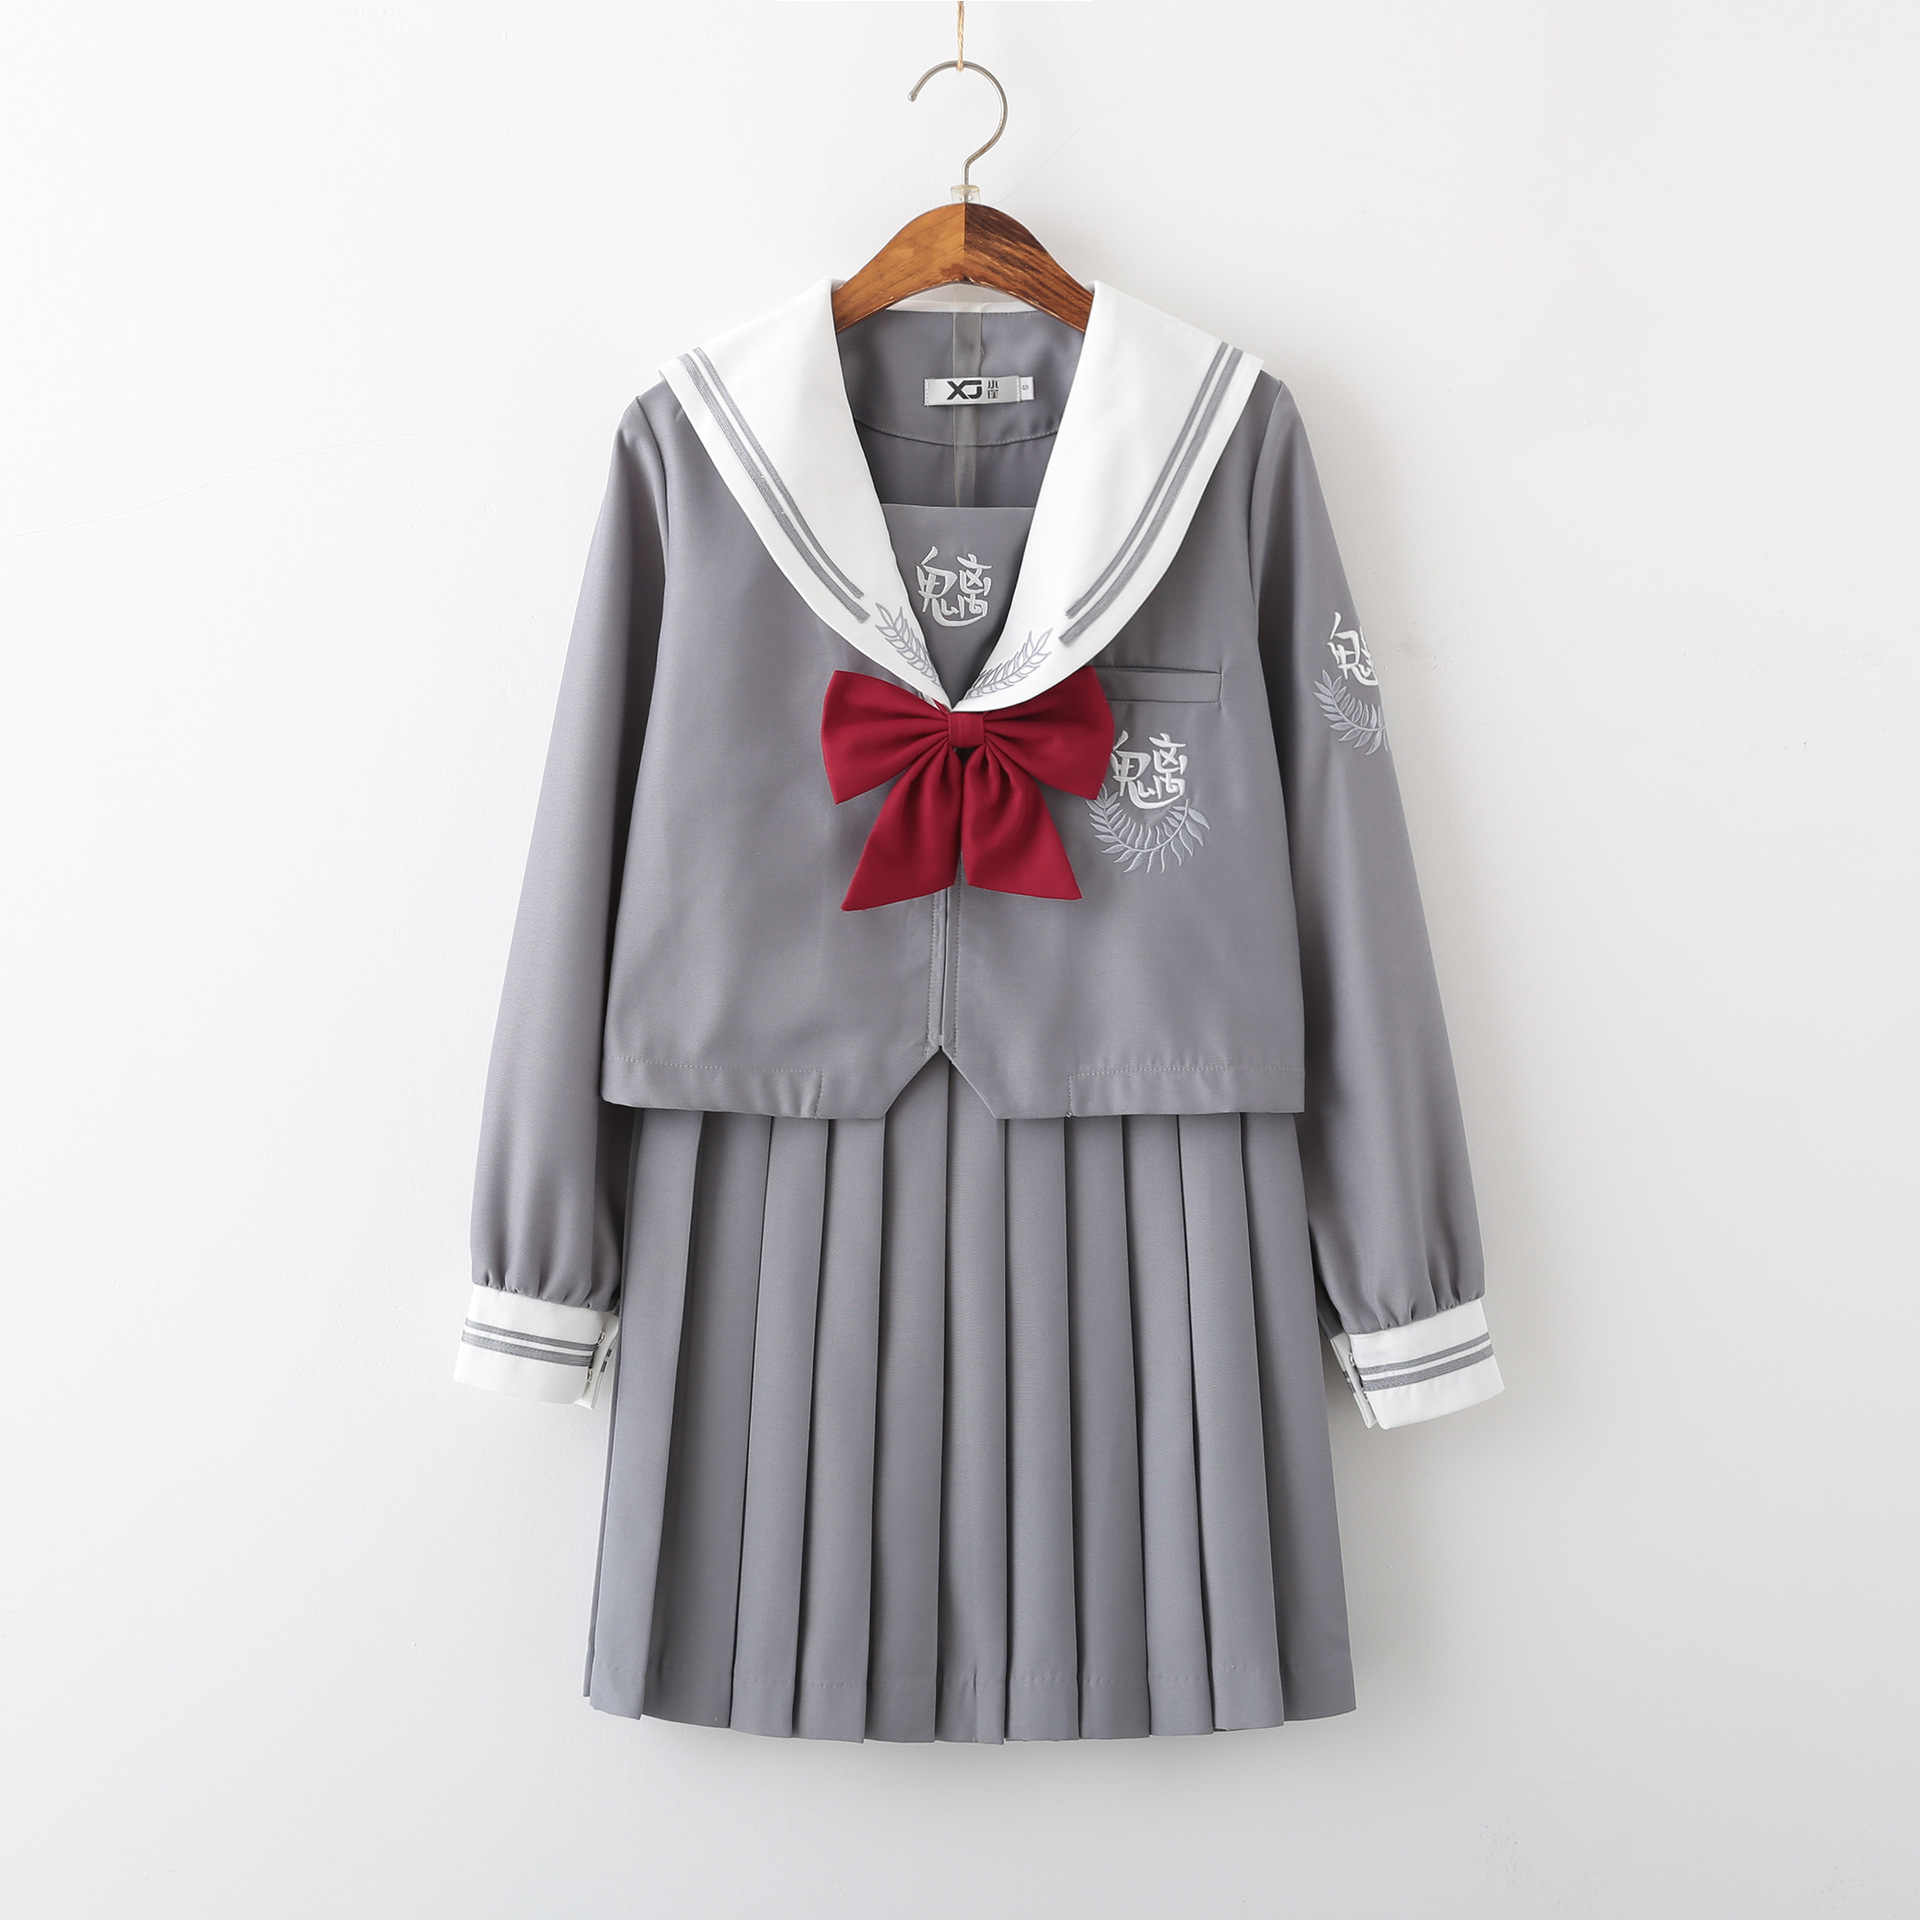 新到着日本 jk 制服女の子正教会カレッジスタイル秋高校女性ノベルティセーラースーツ制服